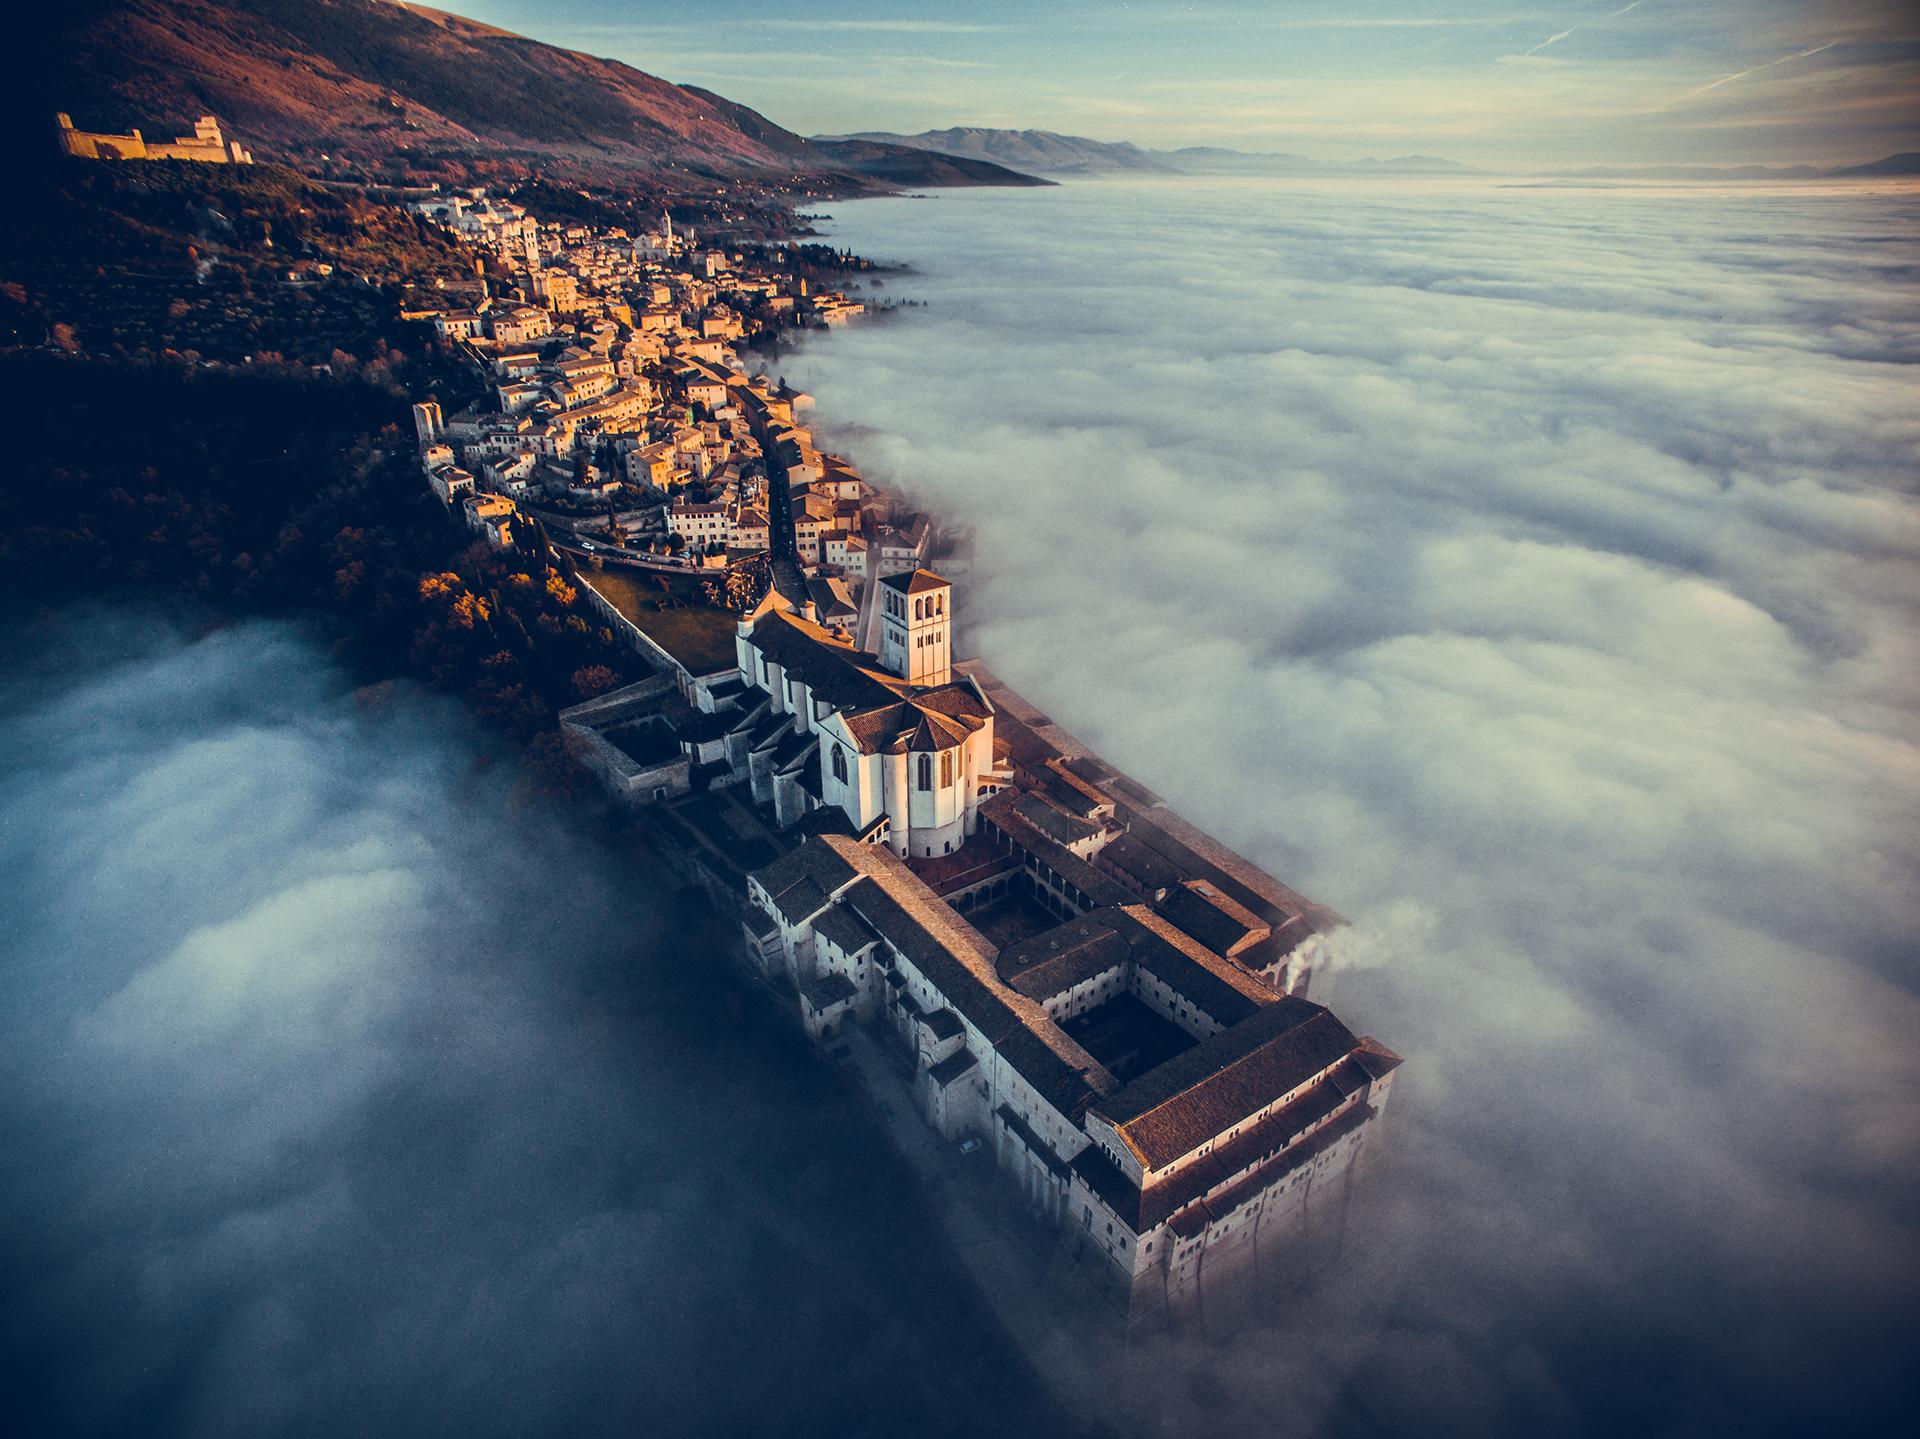 El primer puesto en fotografía turística: la Basílica de San Francisco, en Italia (imagen realizada por Francesco Cattuto)